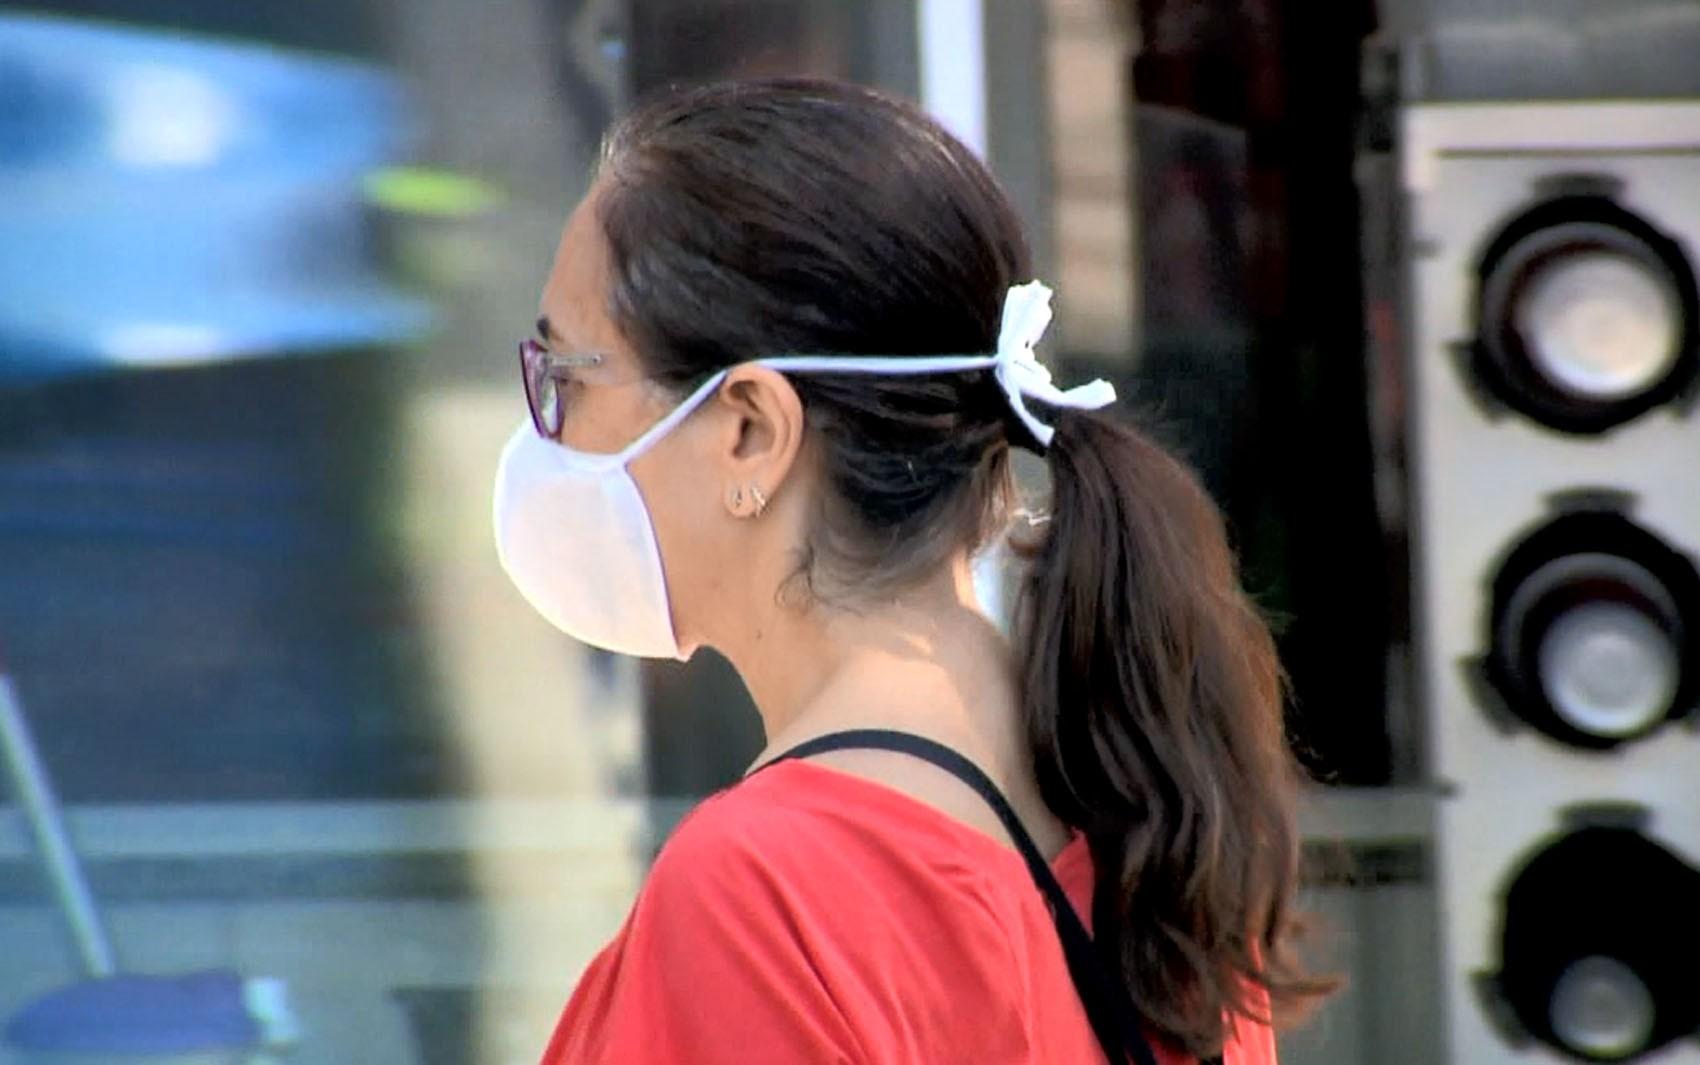 Últimas notícias de coronavírus de 21 de abril na região de Campinas